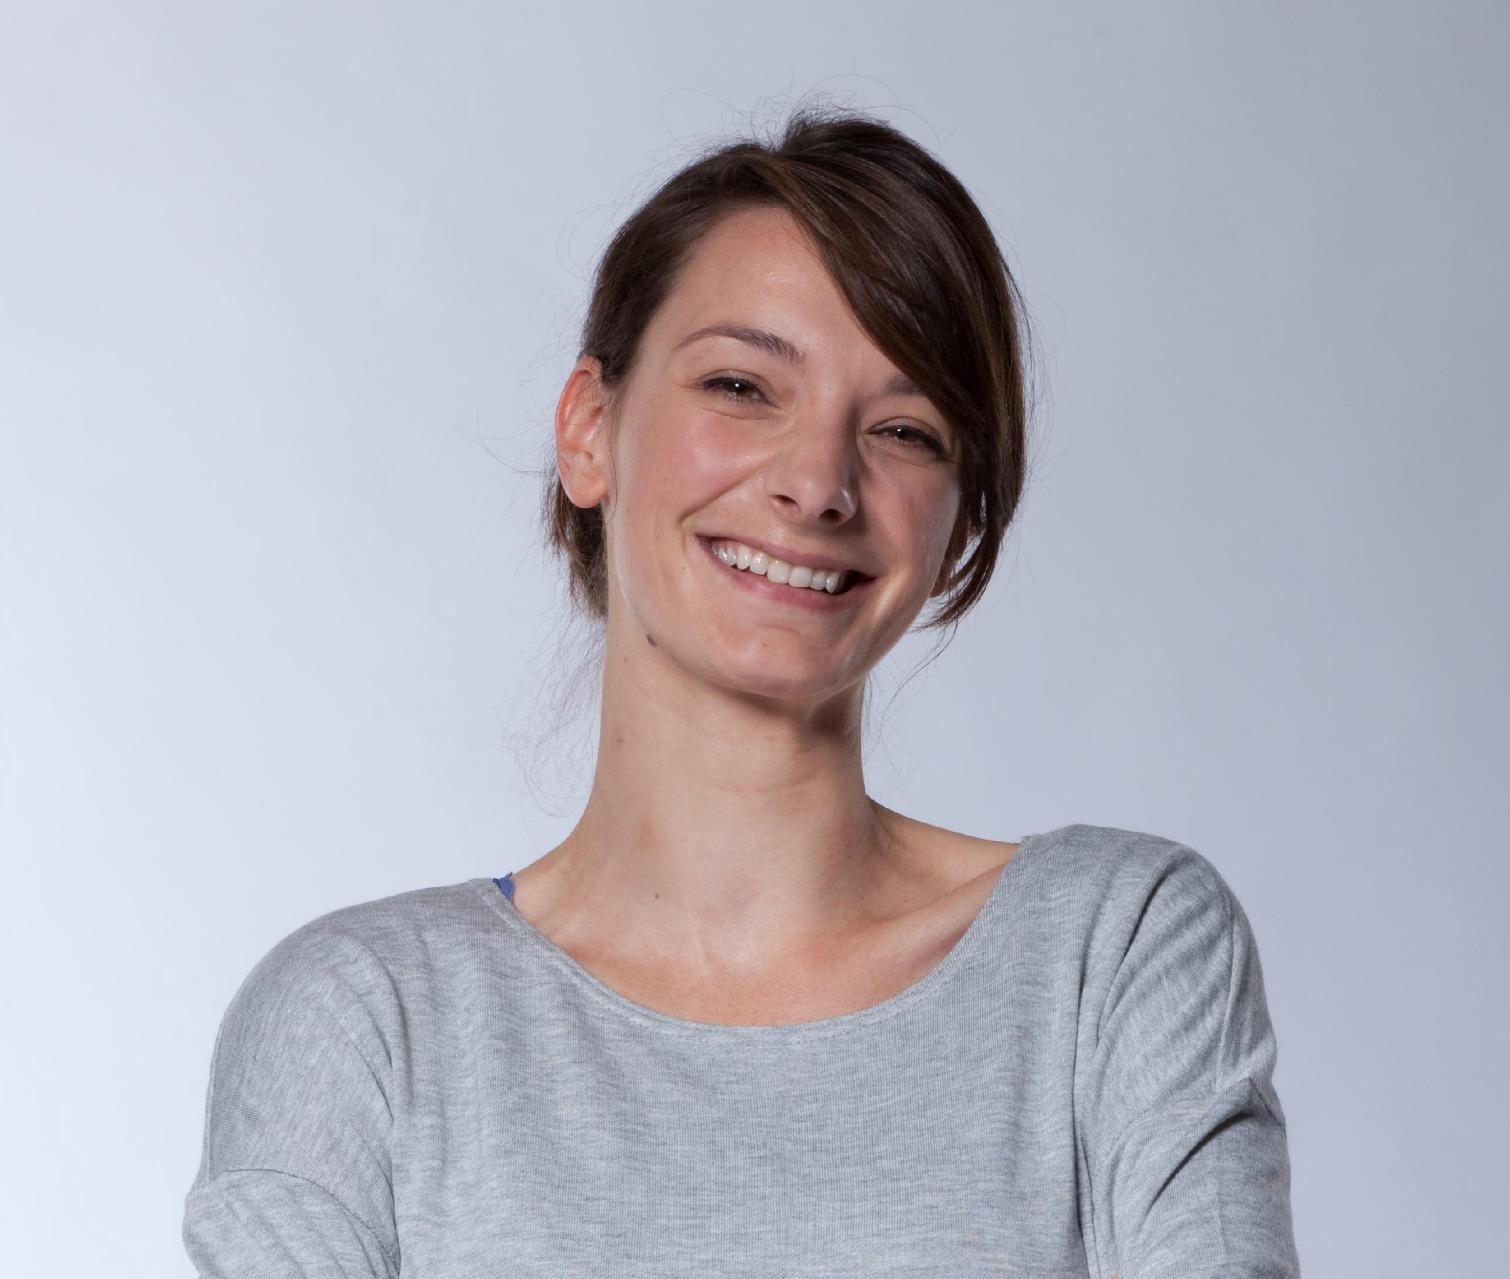 Ines_Schaffranek